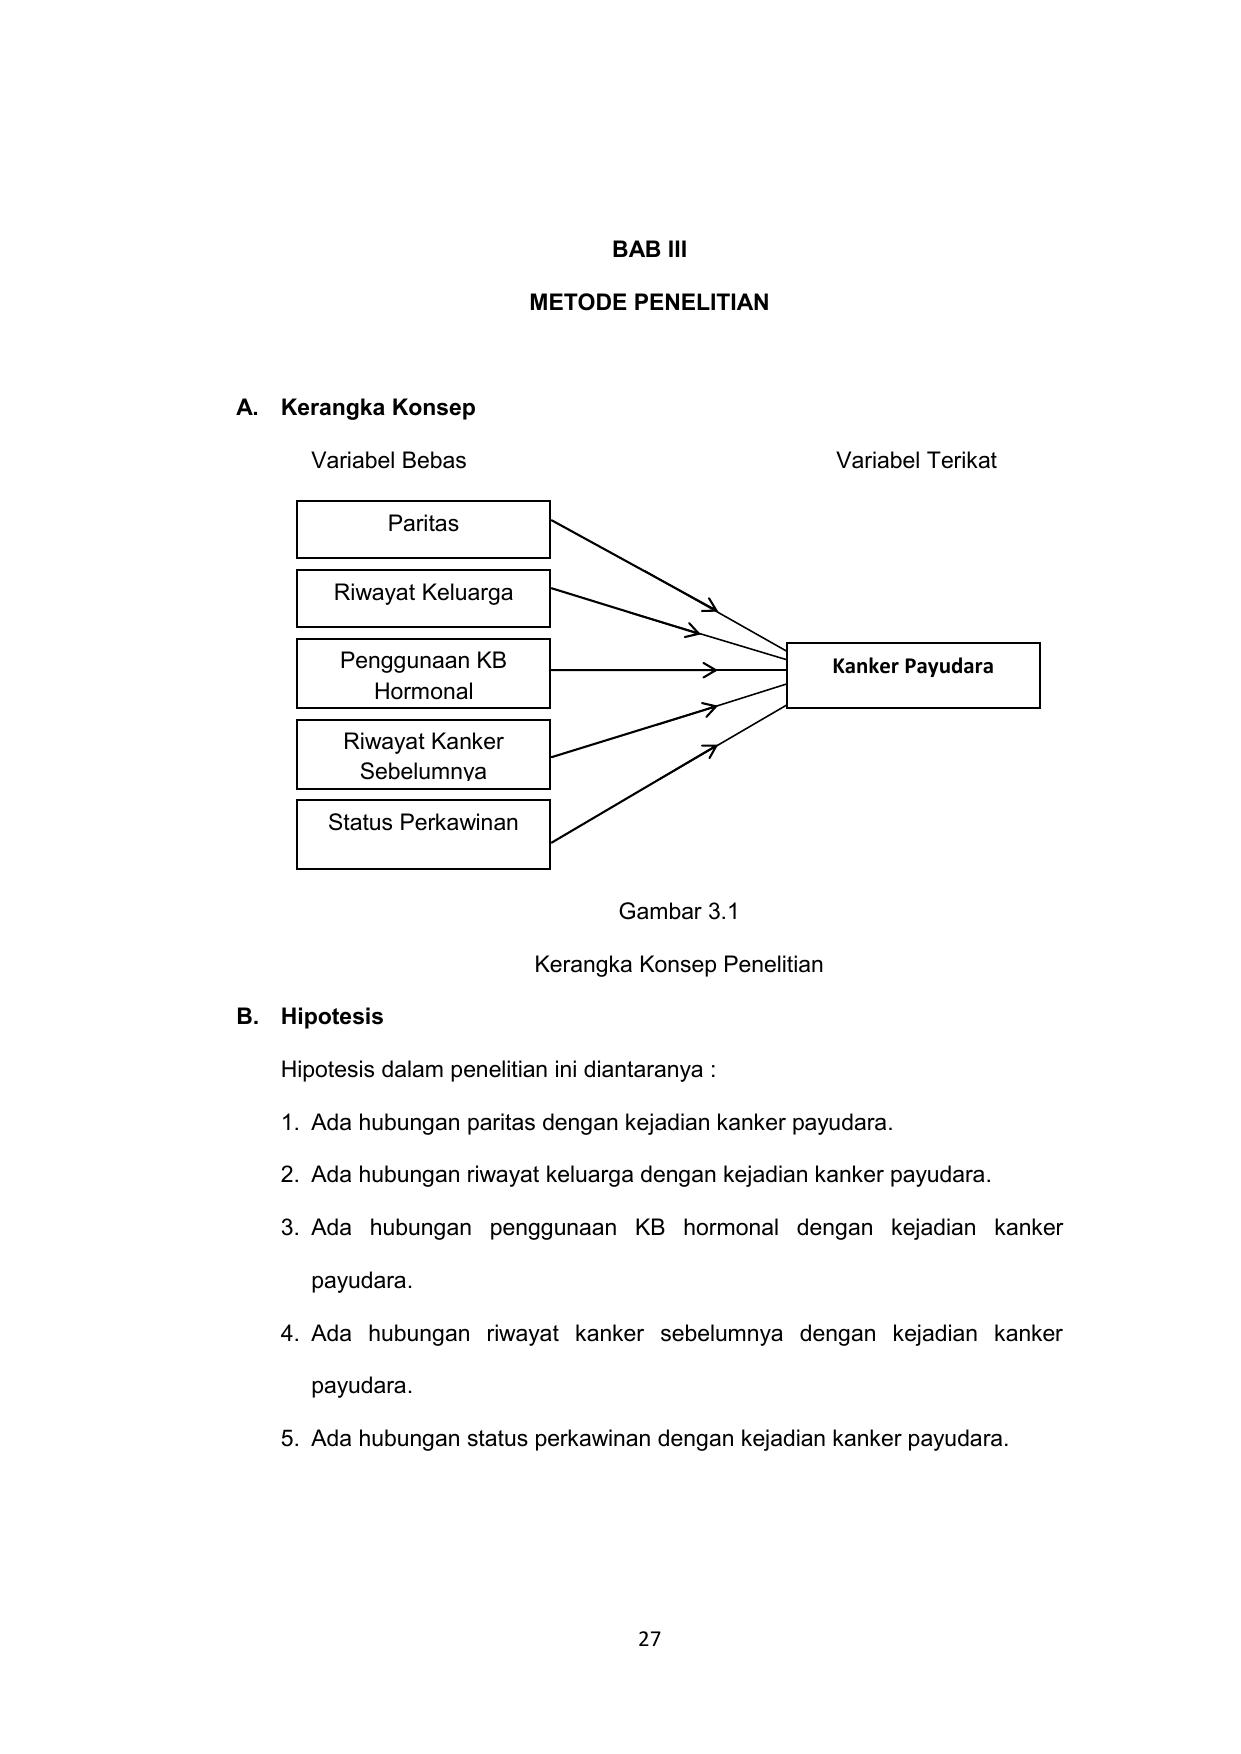 Kerangka Konsep Penelitian : kerangka, konsep, penelitian, METODE, PENELITIAN, Kerangka, Konsep, Variabel